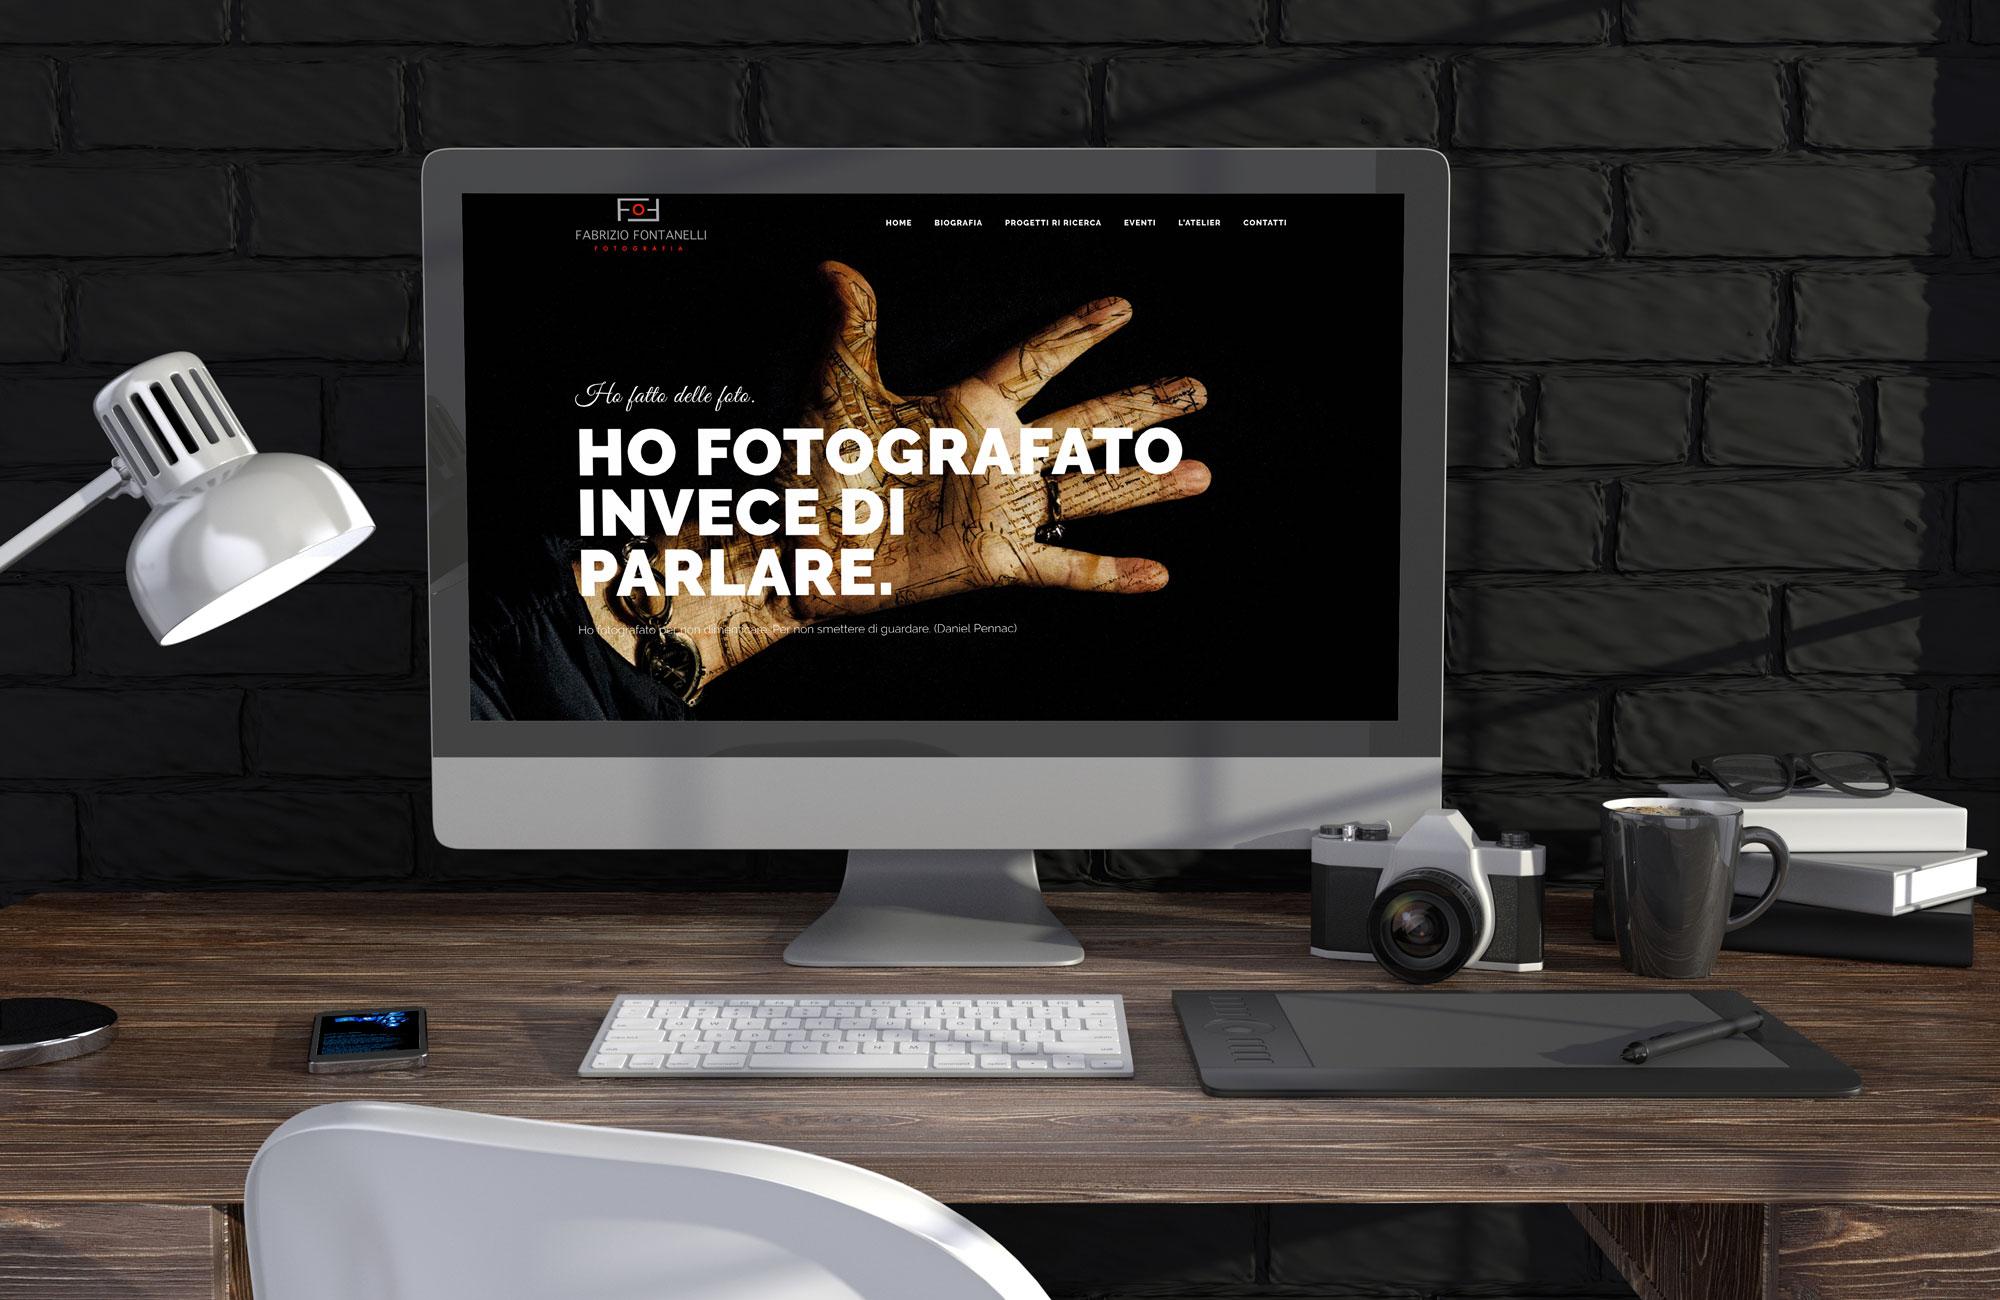 Fabrizio-Fontanelli-